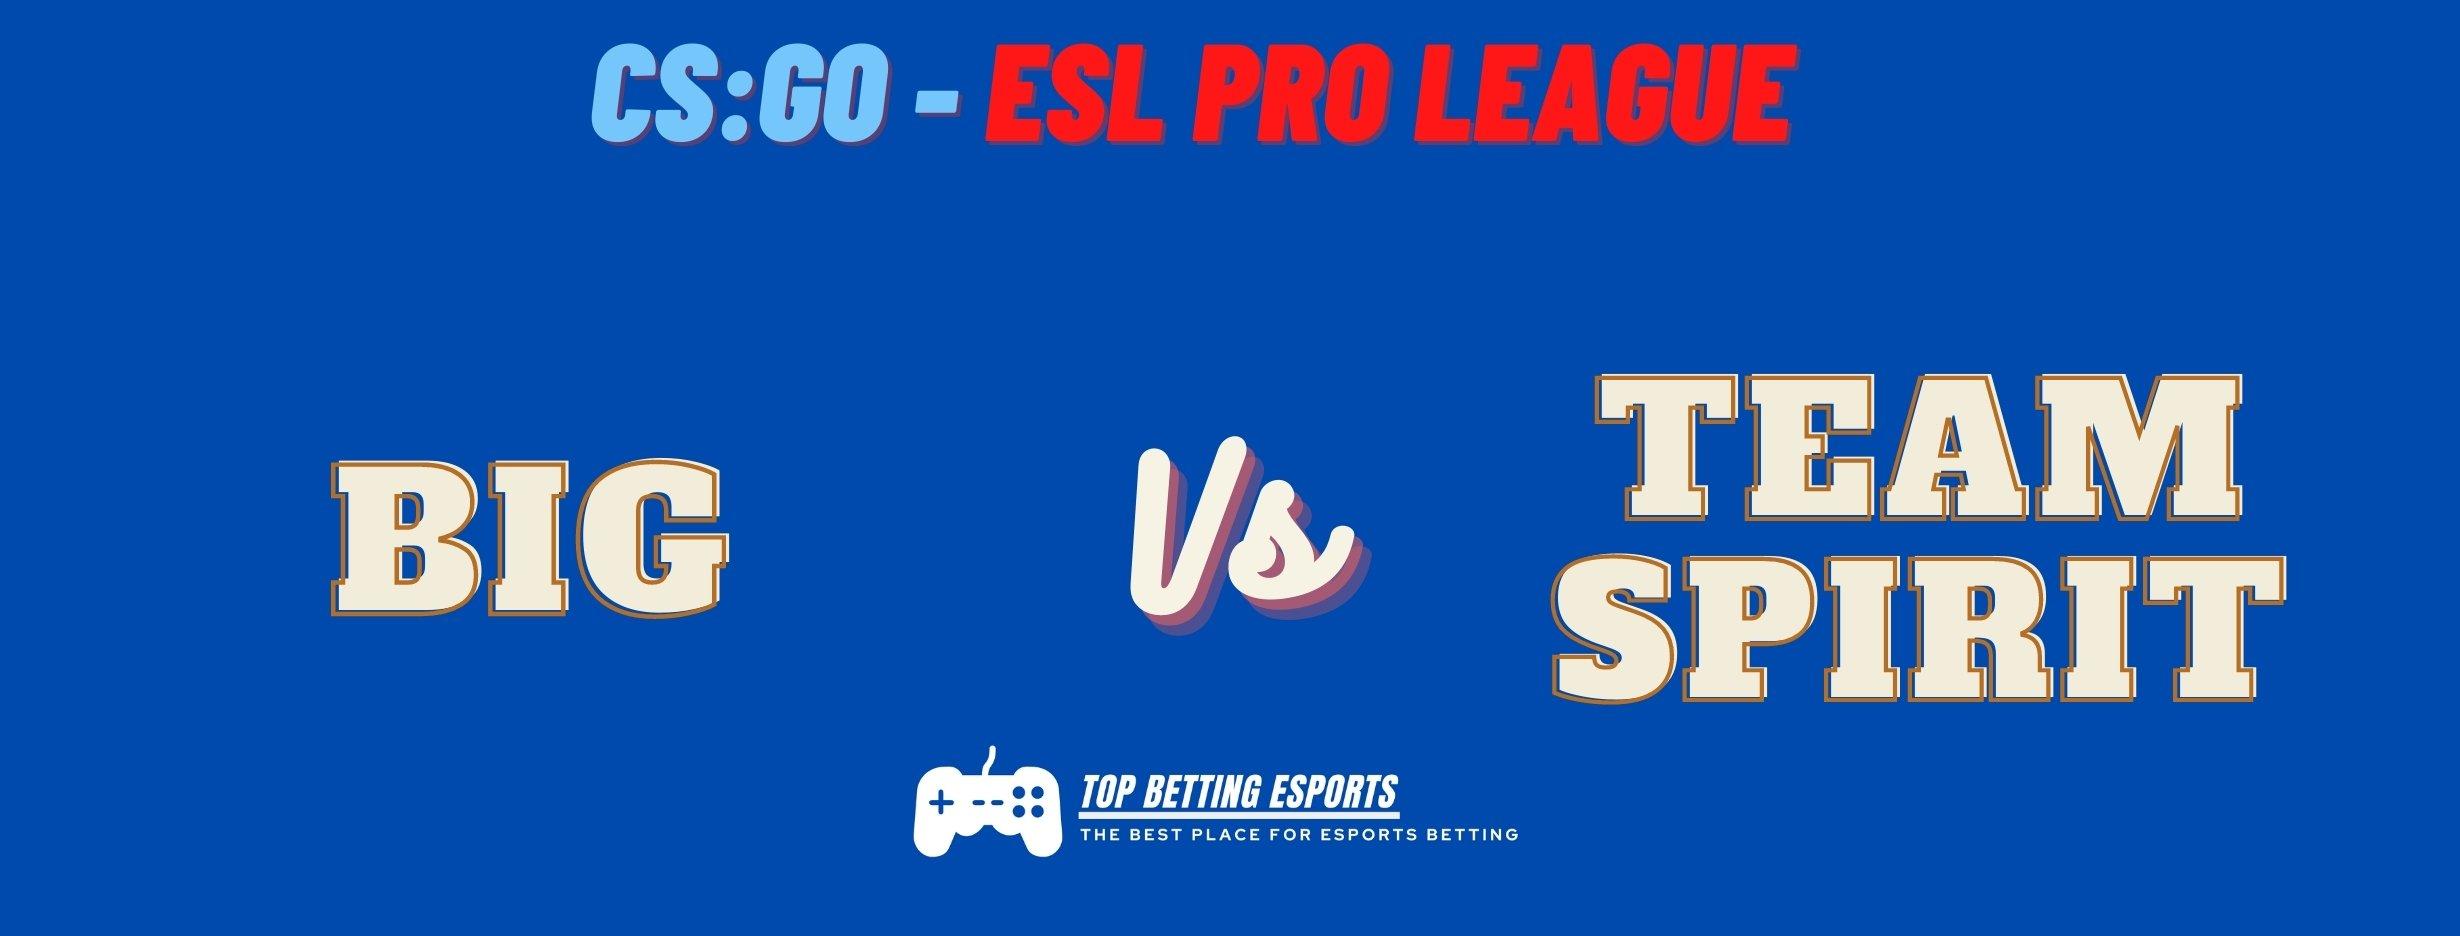 ESL Pro League EU prediction BIG vs TEAM SPIRIT